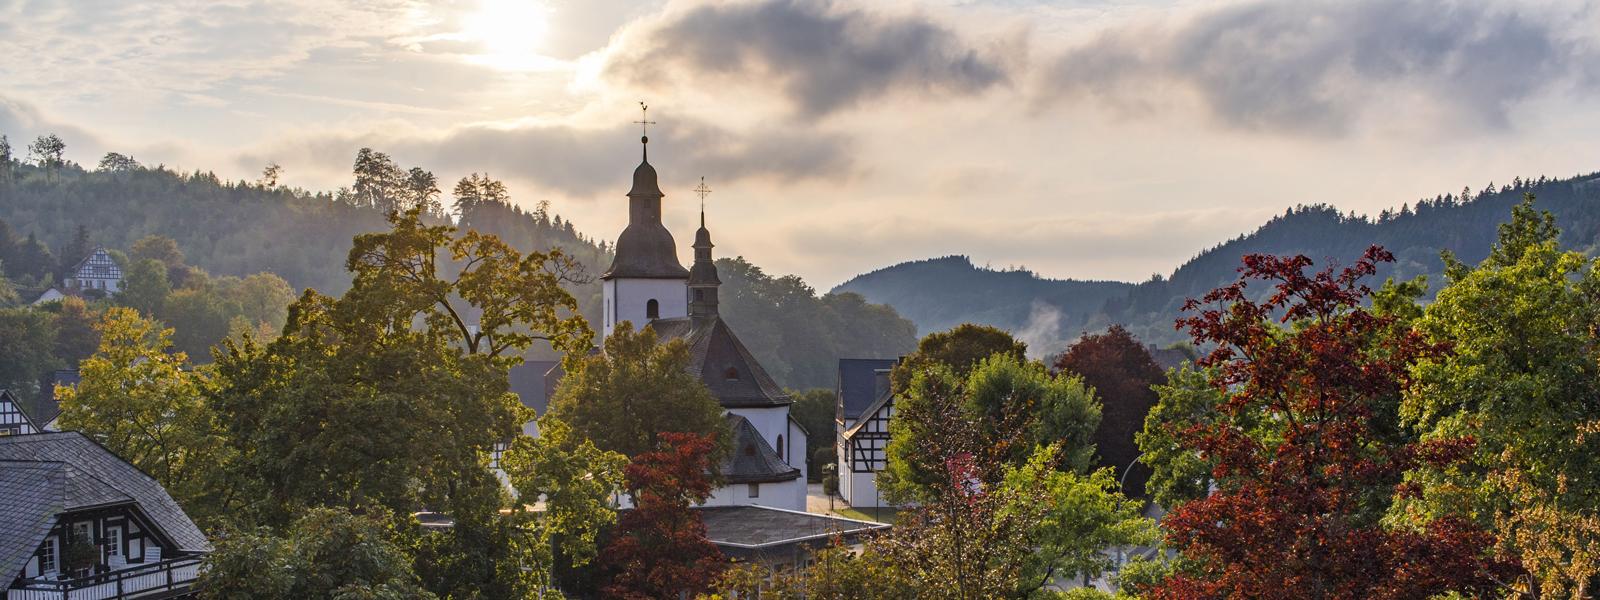 Hotelaussichten im Herbst für das Urlaubsangebot